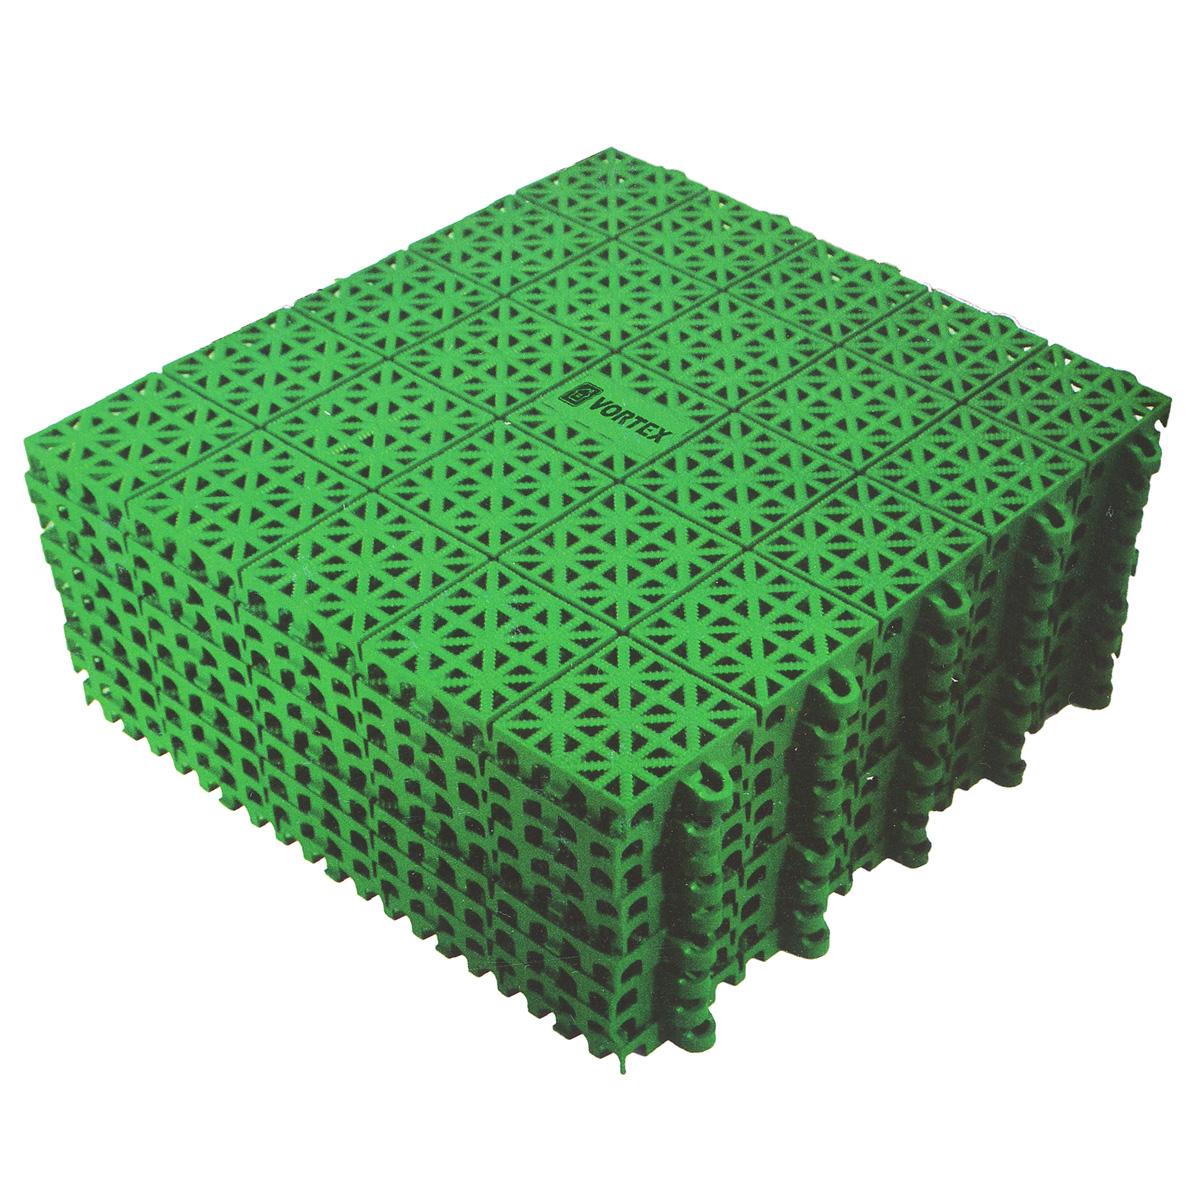 Покрытие Vortex, пластиковое, универсальное, цвет: зеленый, 9 шт5365Универсальное покрытие, выполненное из полипропилена зеленого цвета, устанавливается и удаляется без применения инструментов. Оно укладывается на любую ровную поверхность, допускается ее изношенность и наличие мелких дефектов. Покрытие можно использовать внутри и вне помещений: балкон, мастерская, помещения с повышенной влажностью, ванная комната и душевая, бассейн, каток, кладовая, кемпинг, игровые площадки, складские помещения, торговые площадки, выставки. В помещении уход за покрытием производится с применением пылесоса. Покрытие, установленное вне помещения можно легко промыть водой при помощи шланга. Размер плитки: 33 см х 33 см х 1 см. Размер полученного покрытия: 1 м2